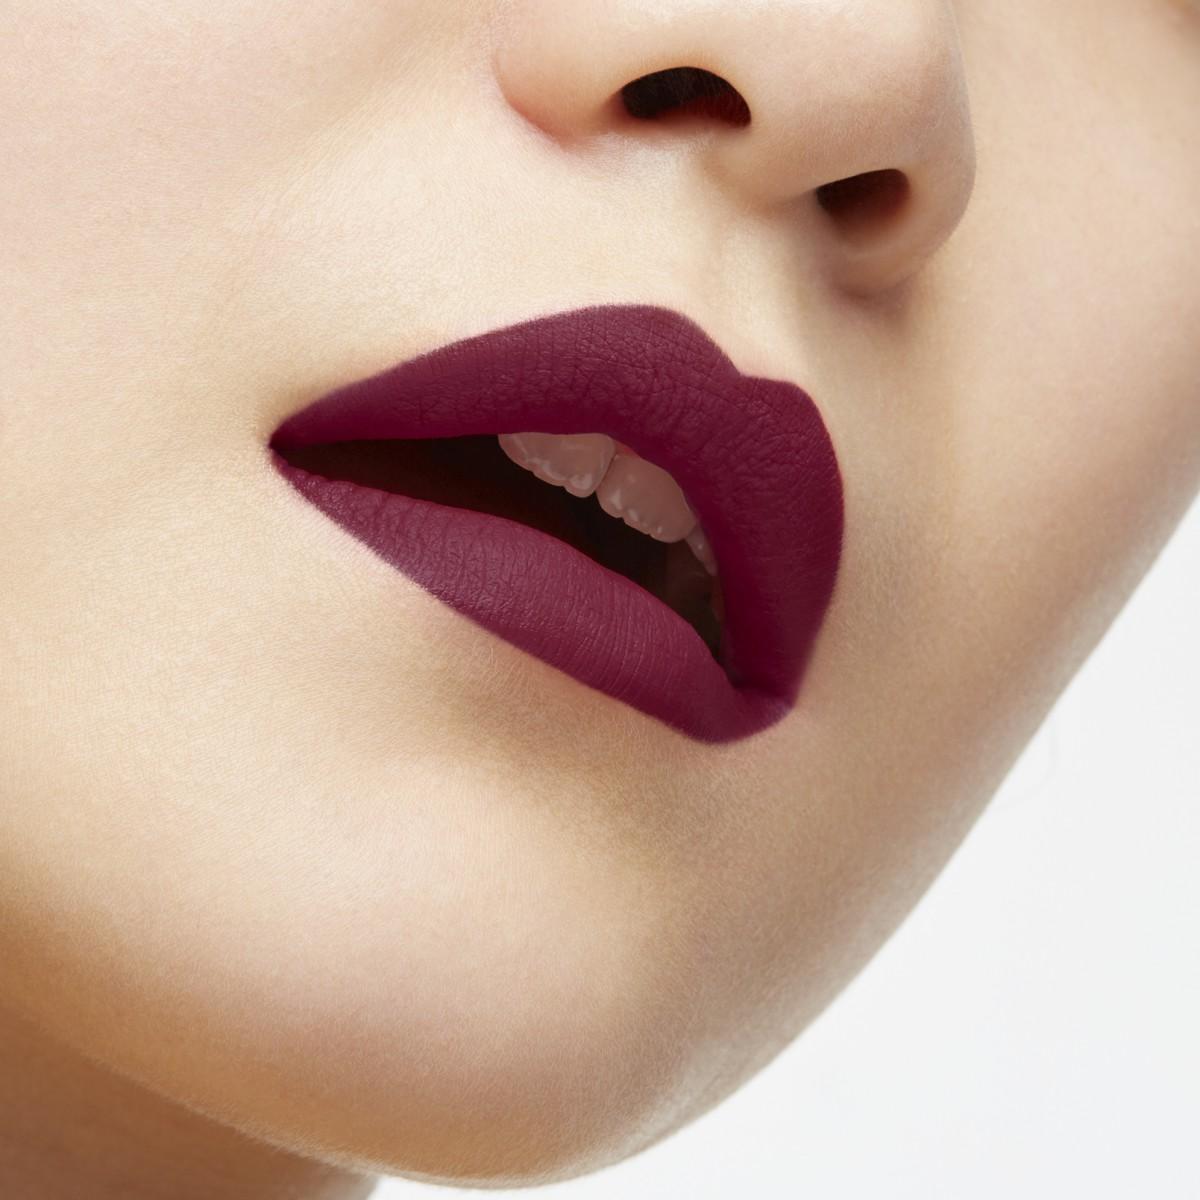 Beauty - Eton Moi Velvet Matte - Christian Louboutin